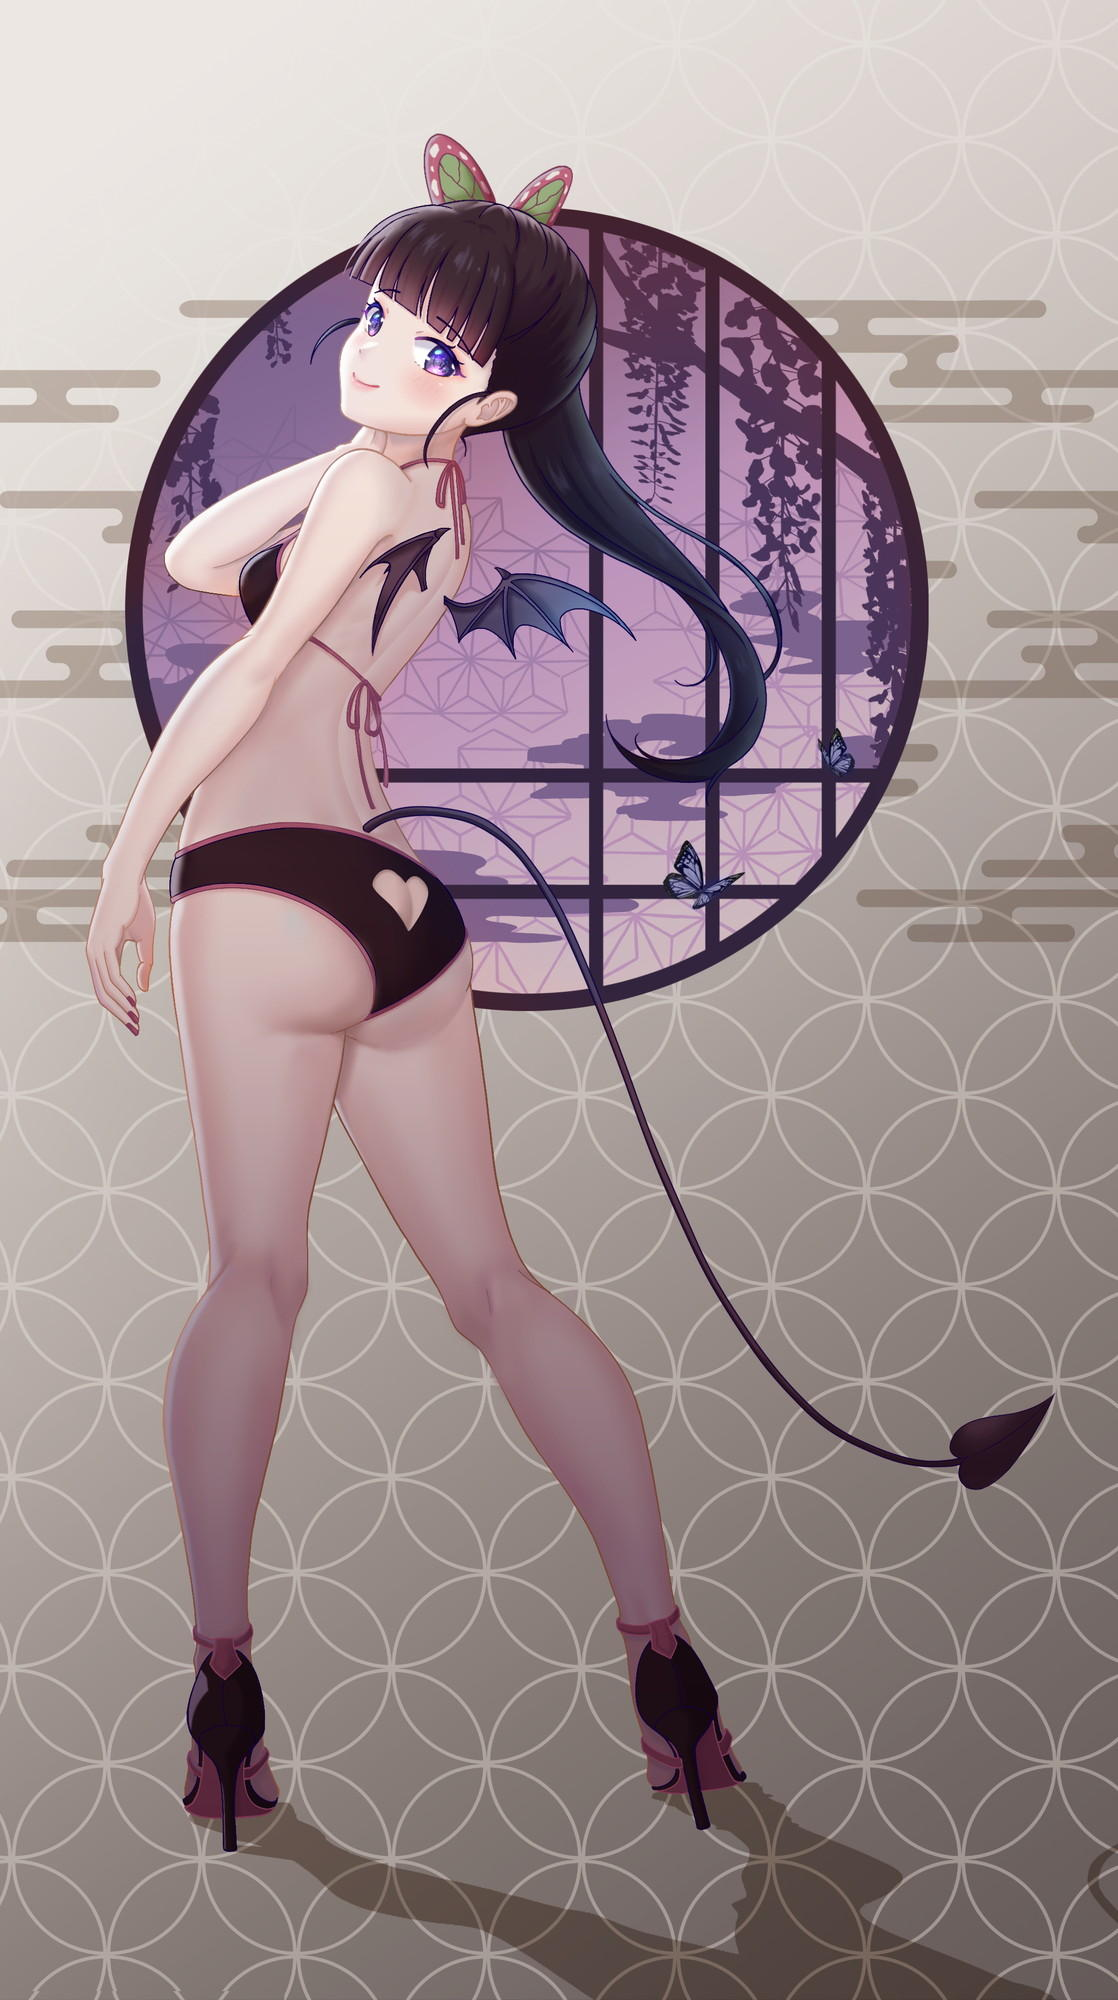 栗花落カナヲ 鬼滅の刃エロ画像081